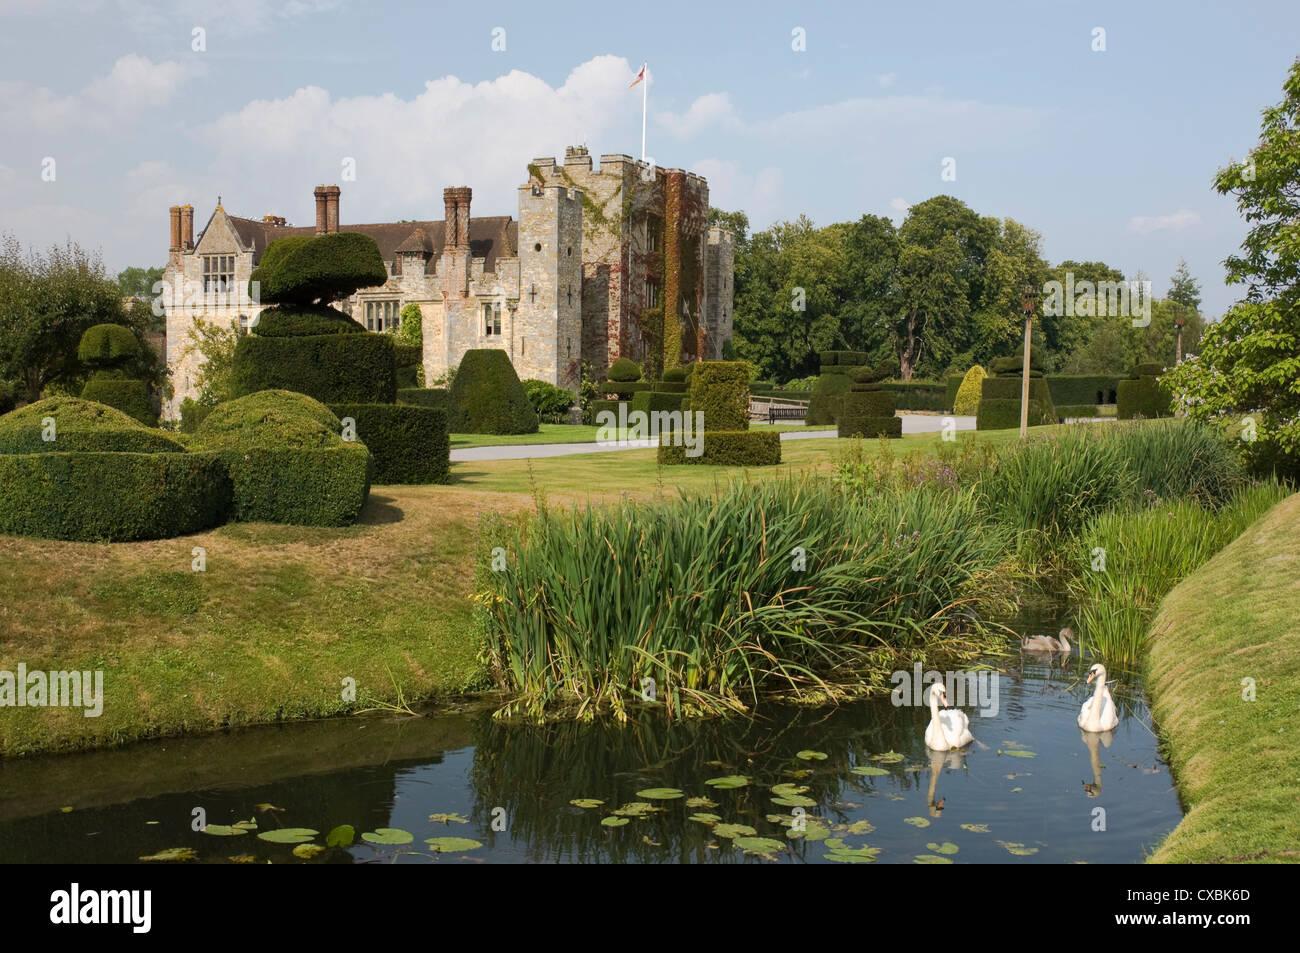 Il castello di Hever, risalente al XIII secolo, casa d'infanzia di Anne Boleyn, Kent, England, Regno Unito, Immagini Stock